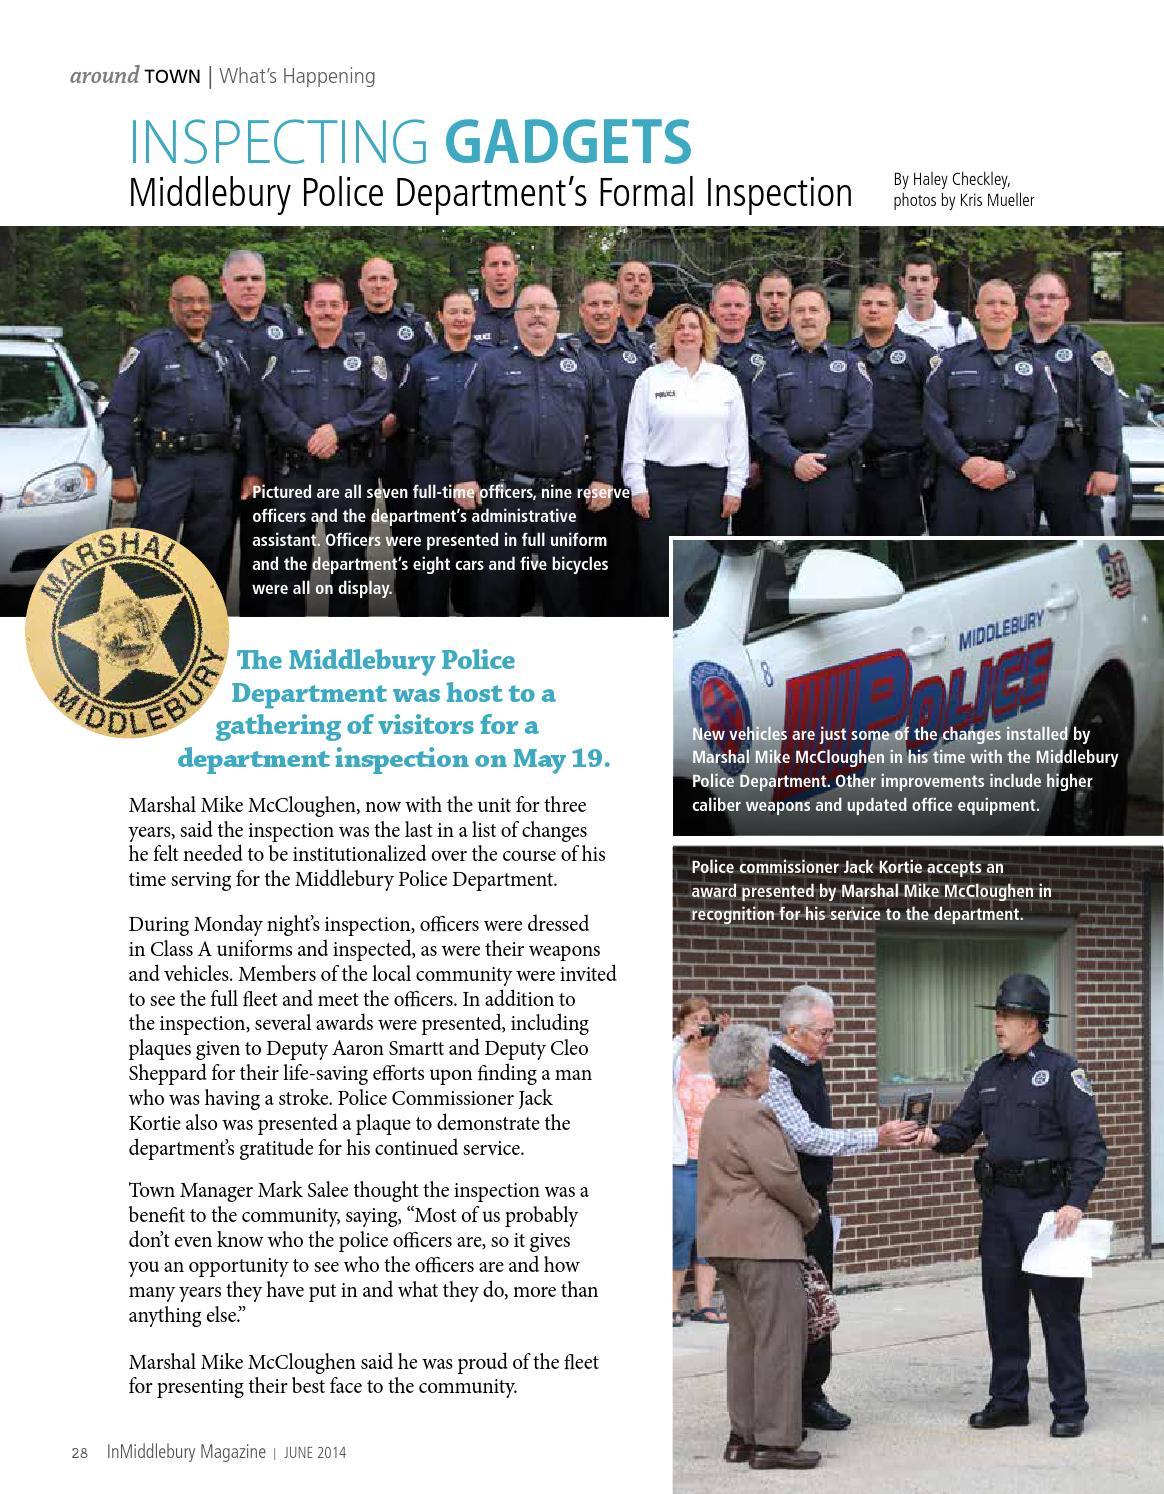 iMiddlebury Magazine June 2014 by inMiddlebury Magazine - issuu